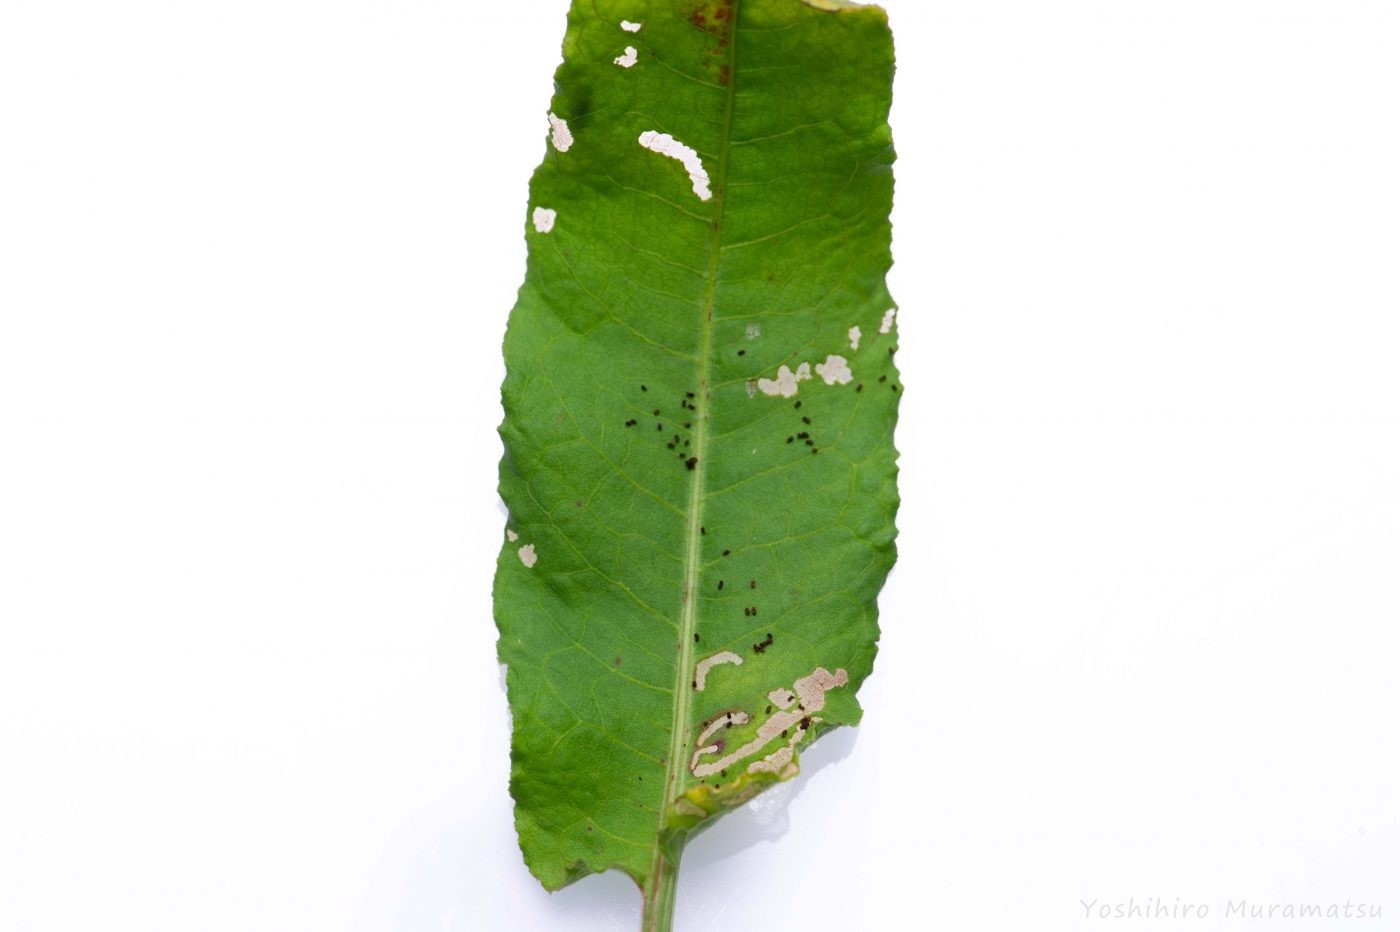 ベニシジミの幼虫